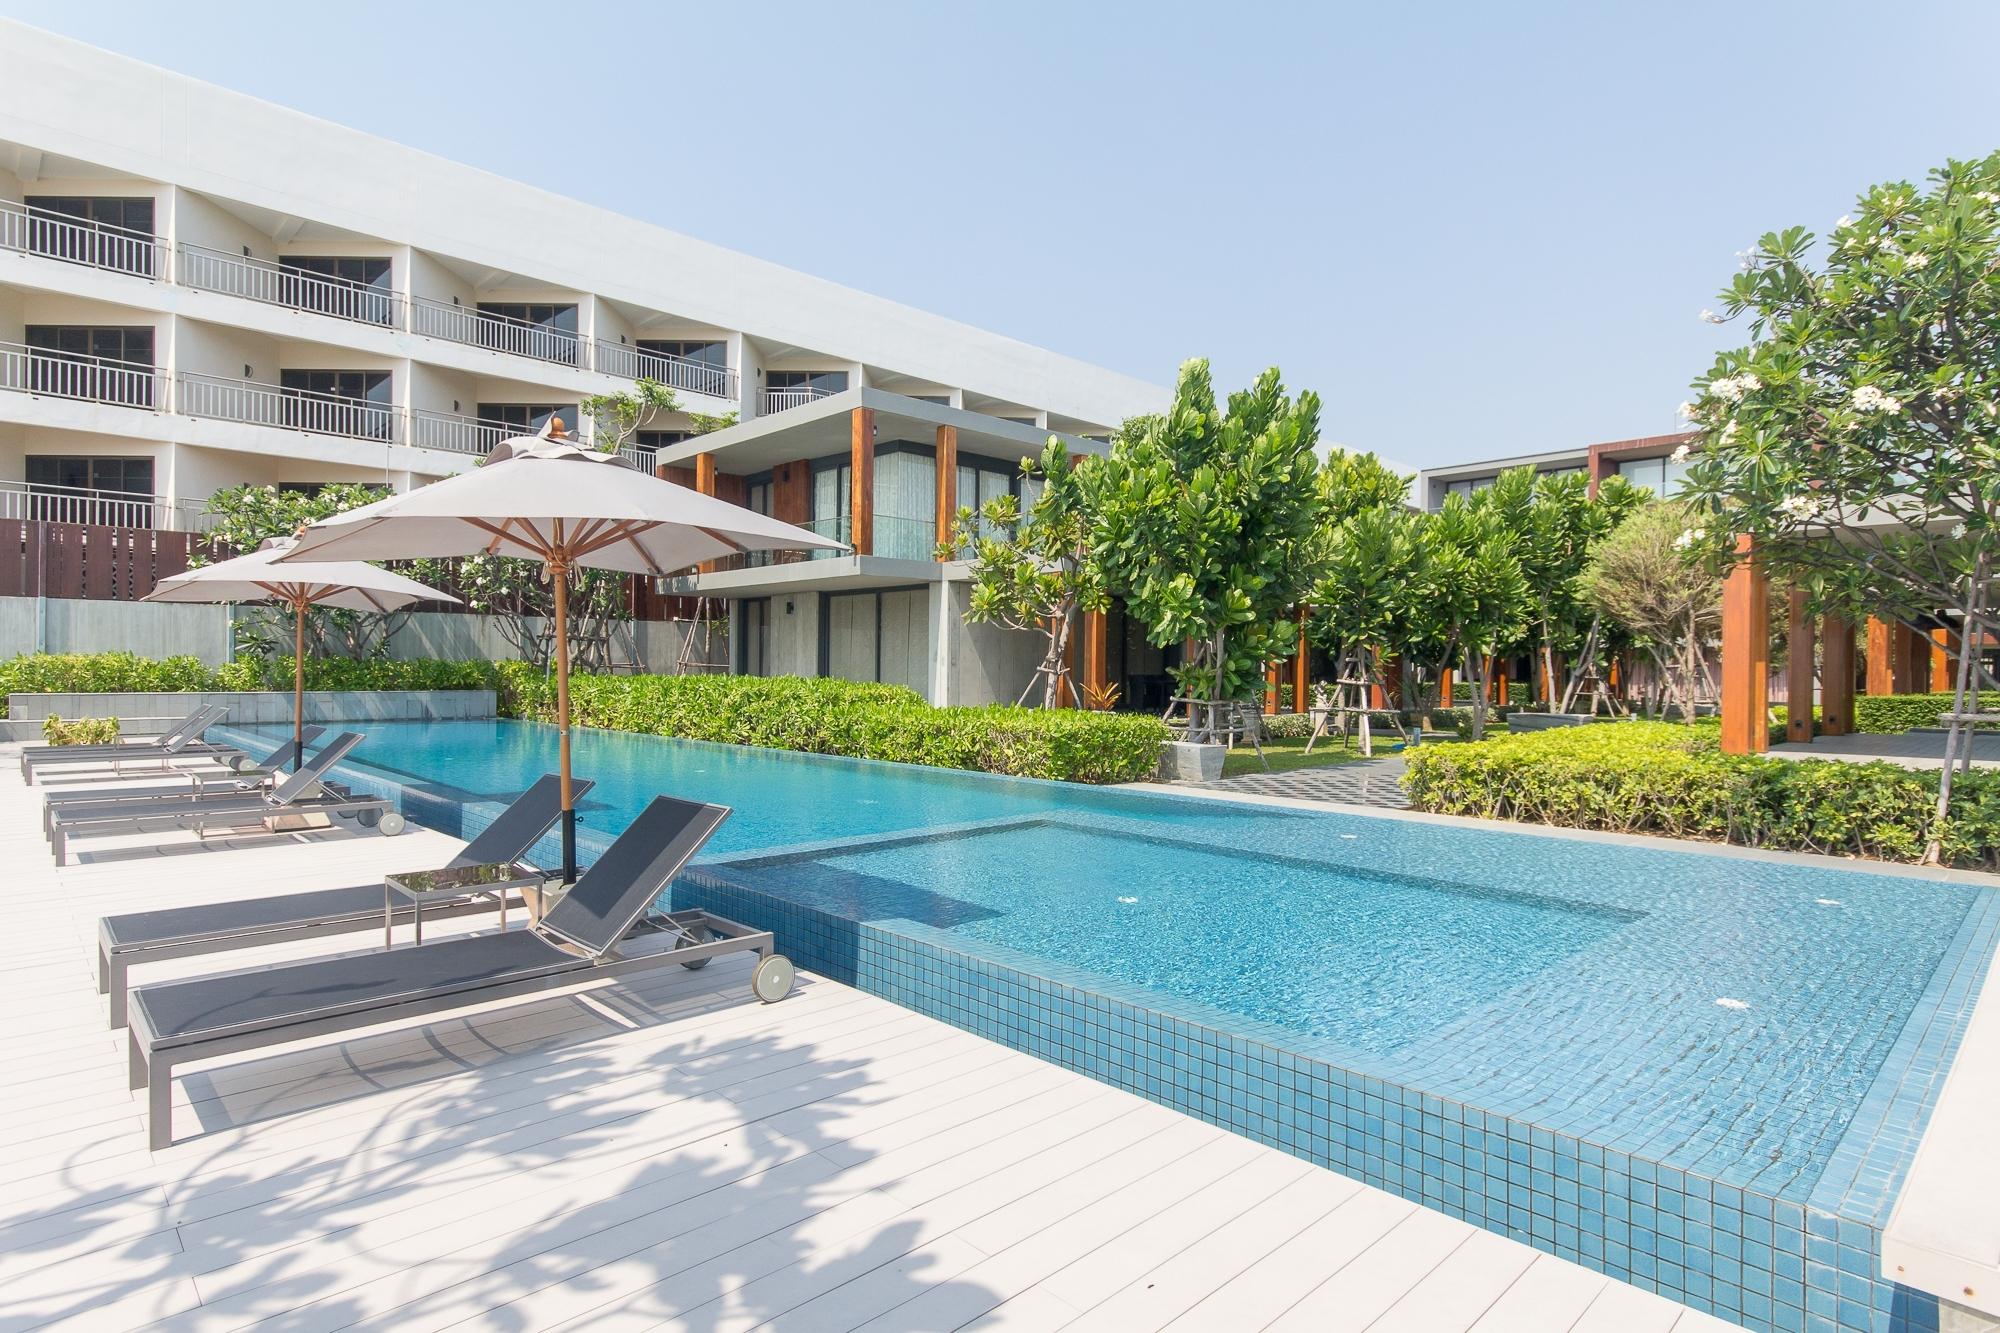 Modern House for Sale at Samran Lom Hua Hin Beach, Hua Hin Soi 19